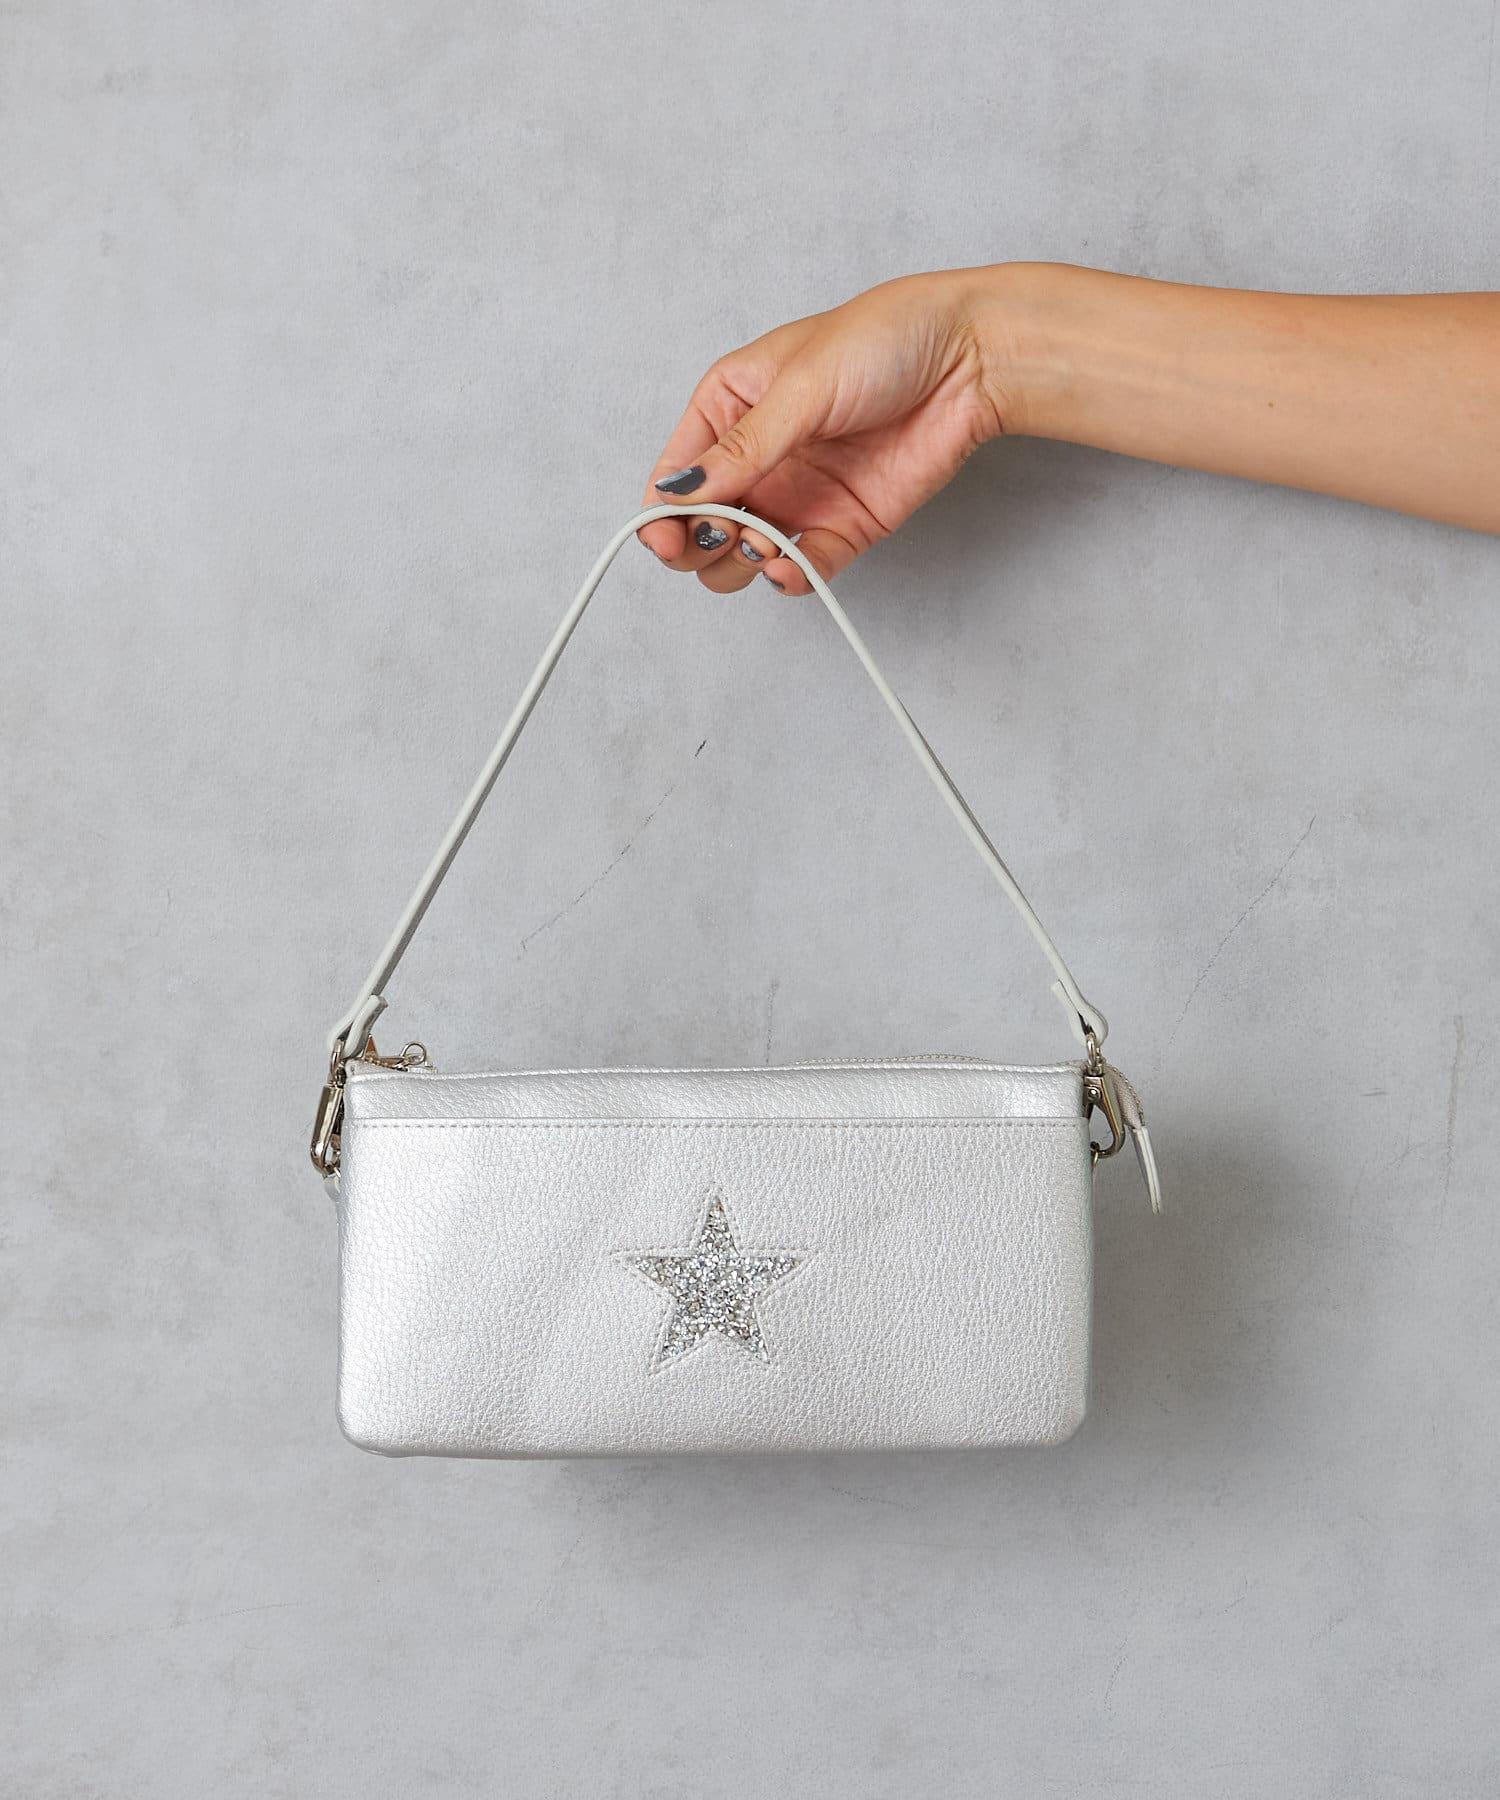 Pal collection(パルコレクション) 《華やかにキラキラ輝く》スターウォレットバッグ